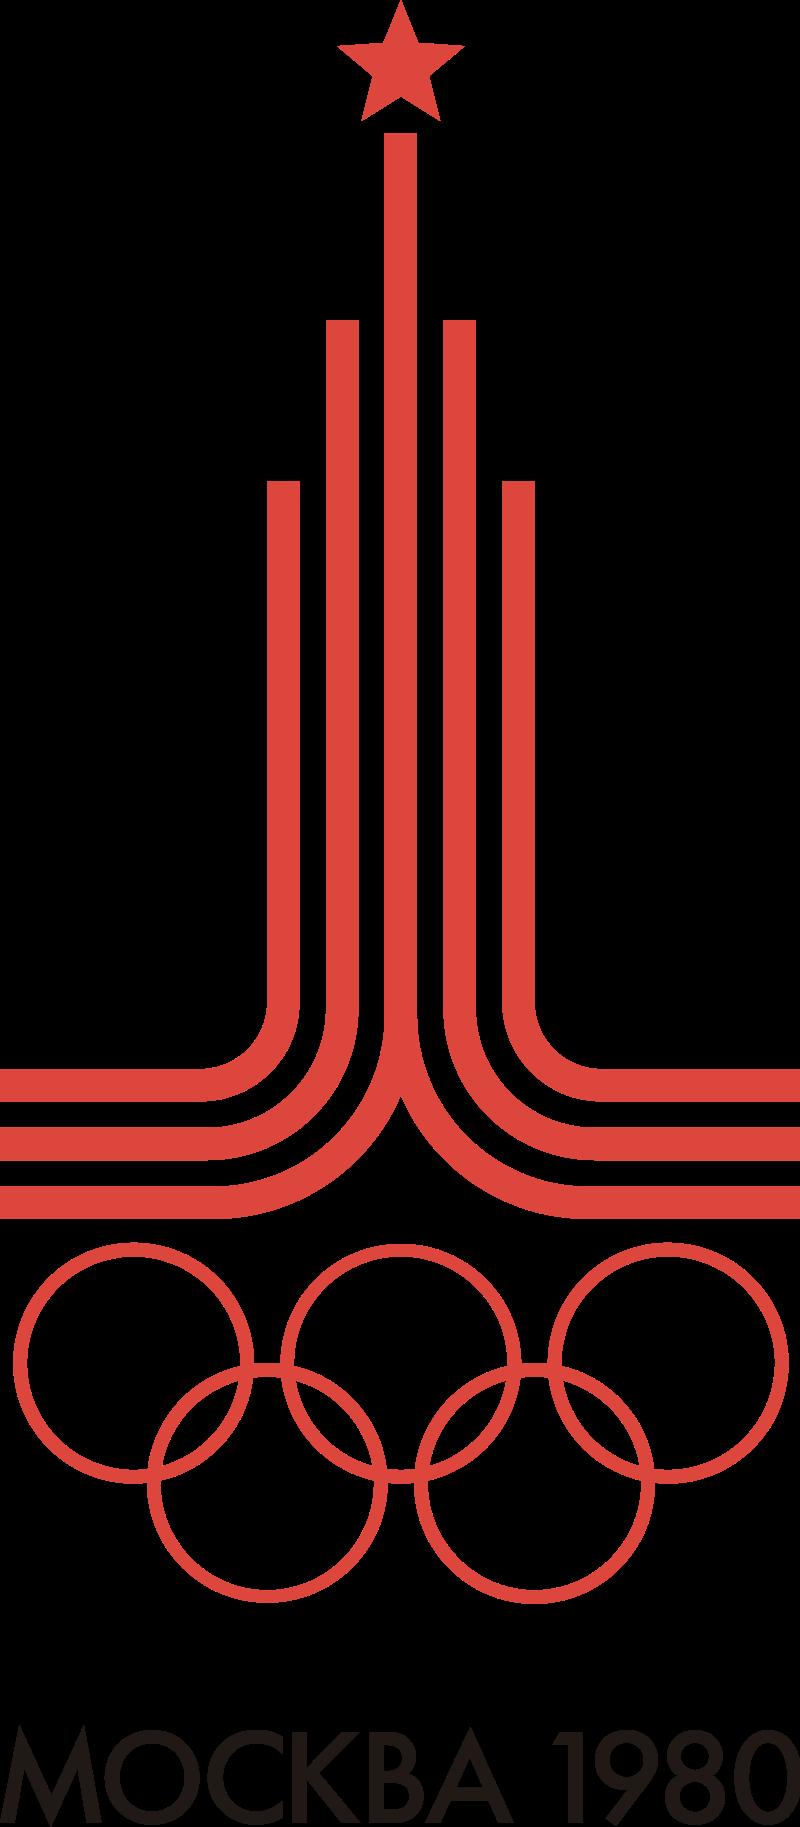 رمز الألعاب الأولمبية موسكو 1980